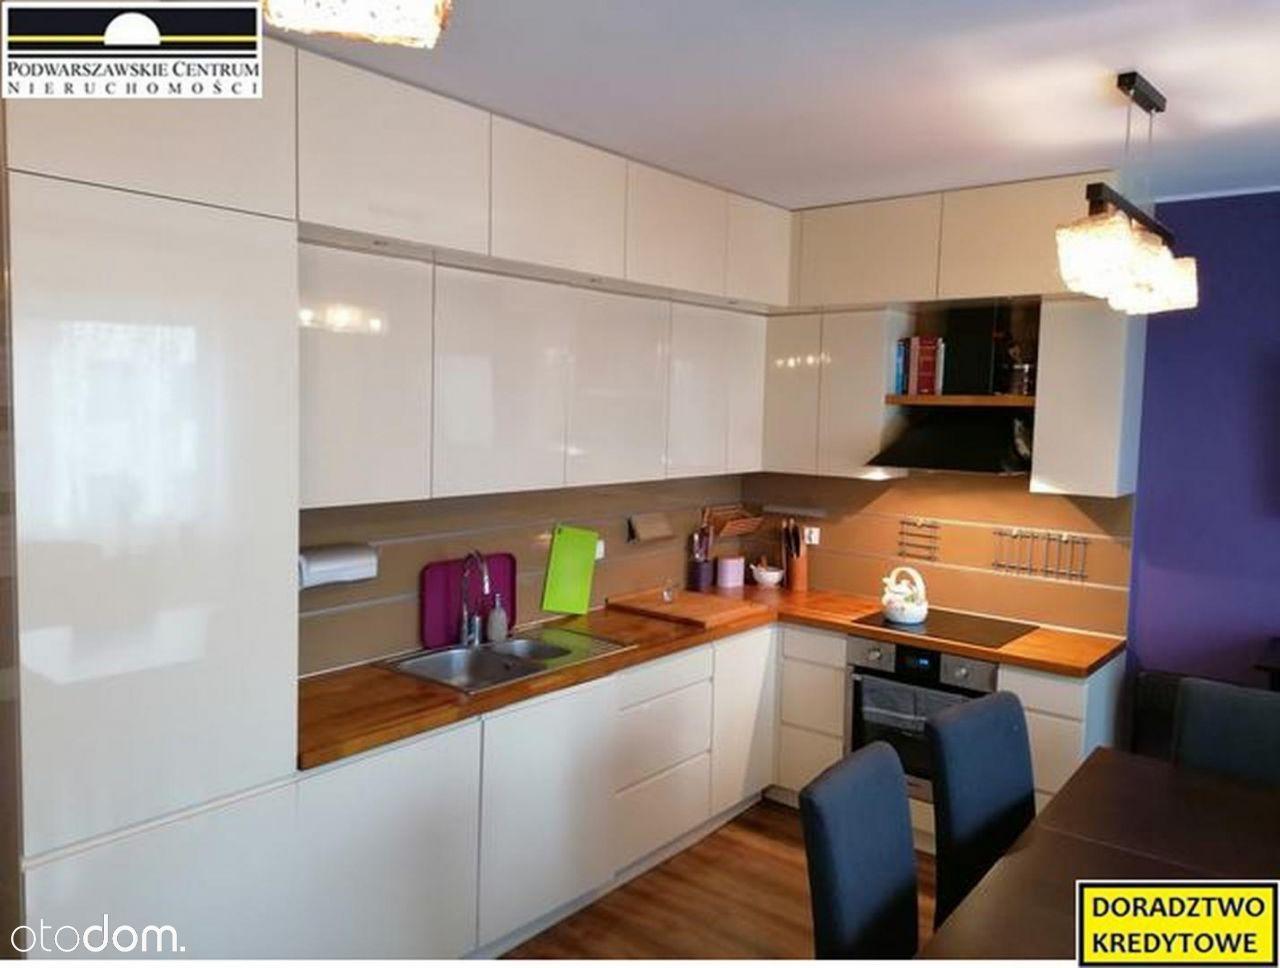 Bardzo Ładne Mieszkanie W Nowym Bloku